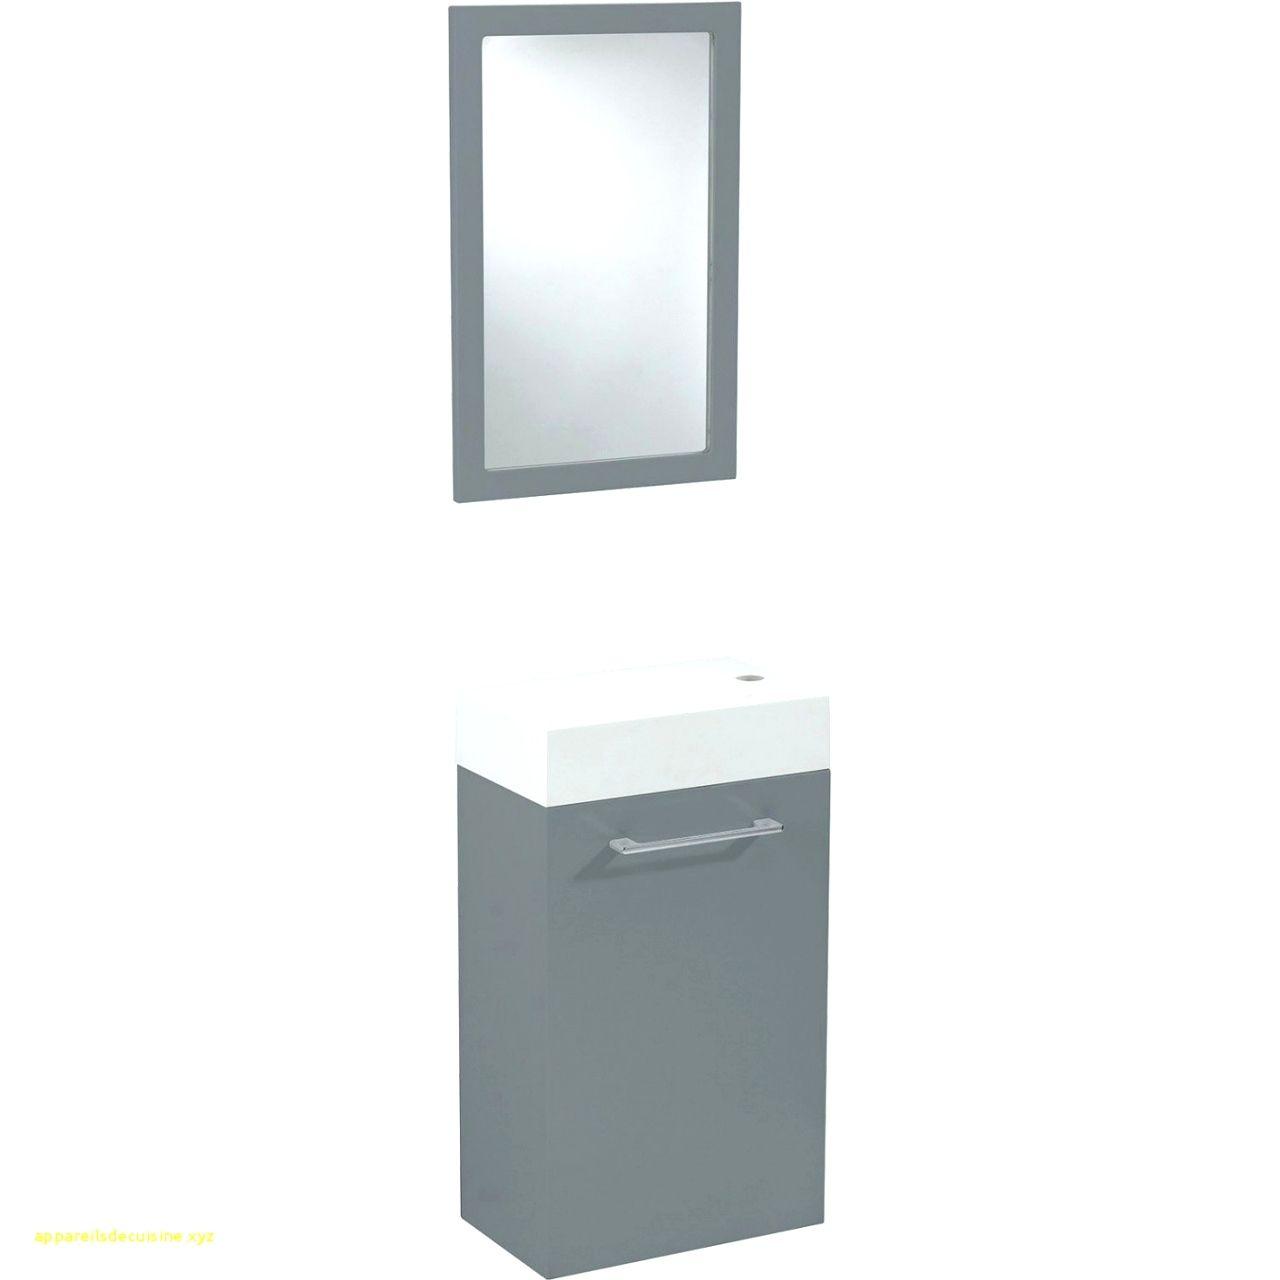 Meuble 15 Cm Largeur Ideas Meuble Lave Main Rangement Salle De Bain Armoire Metallique